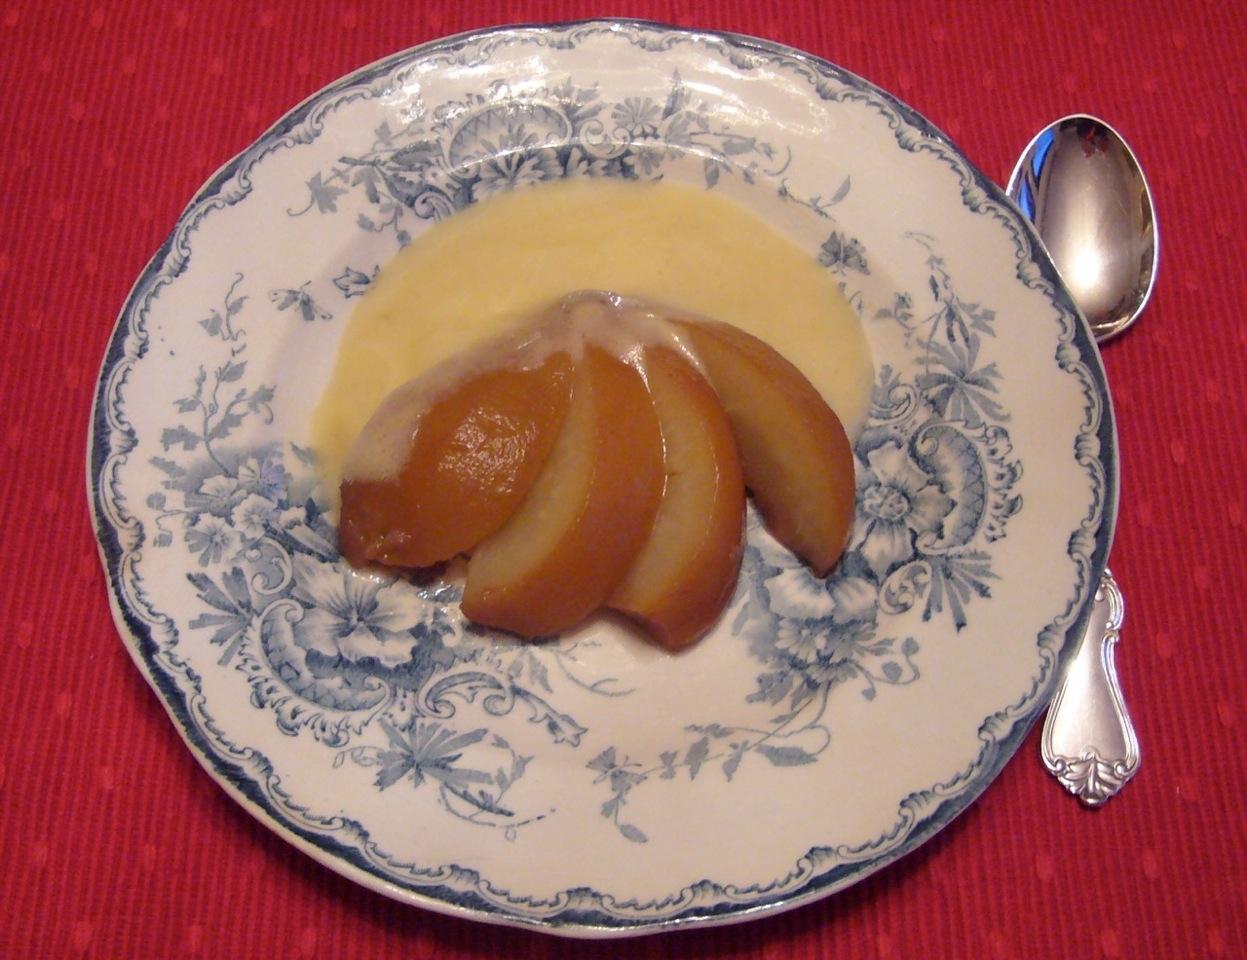 skurna pepparkakor med citron